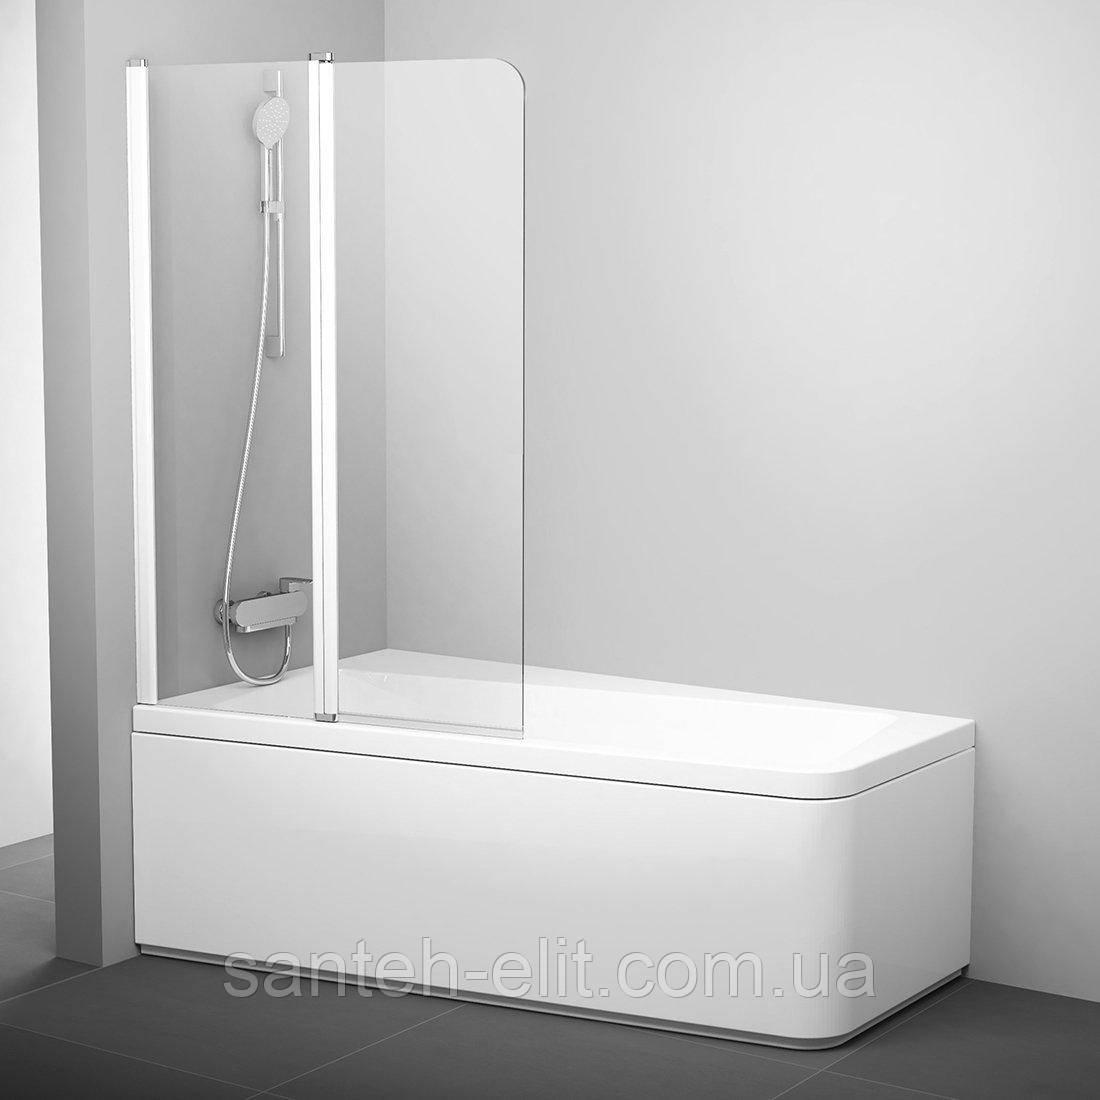 Шторка для ванны Ravak 10 CVS2-100 L белый transparent (7QLA0103Z1)